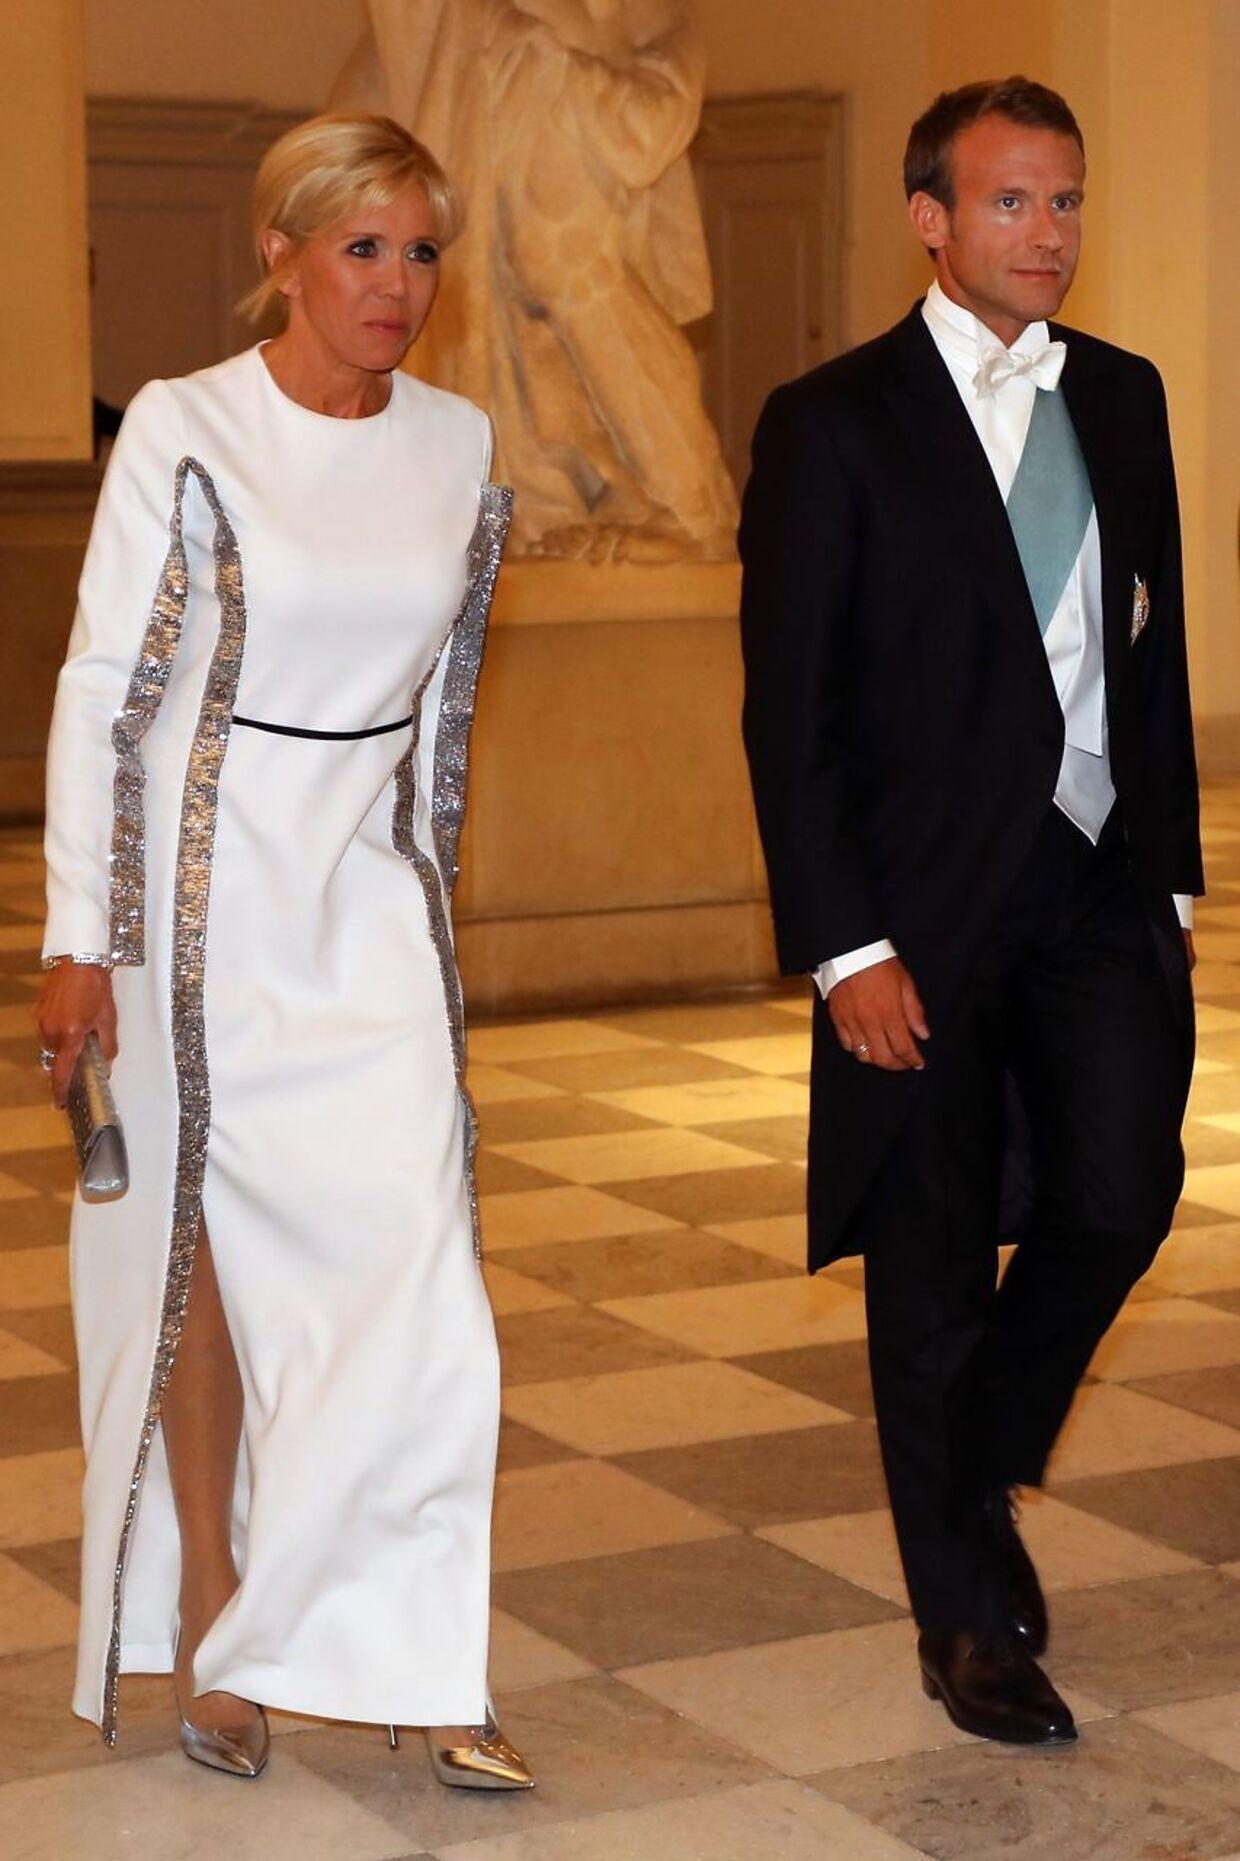 »Endnu engang overrasker Brigitte Macron med sit kjolevalg. Det er ikke en typisk royal gallakjole.«»Ved første øjekast er det en klassisk hvid kjole, men ved nærmere eftersyn ser man de påsyede sølvfarvede border, der giver kjolen en tredimensionel effekt og næsten har en lille smule science fiction over sig.« »Den er helt sikkert fra et af de store franske modehuse og præsidentfruen viser med sit valg af sølvfarvede accessories sin sikre, franske stilbevidsthed.«